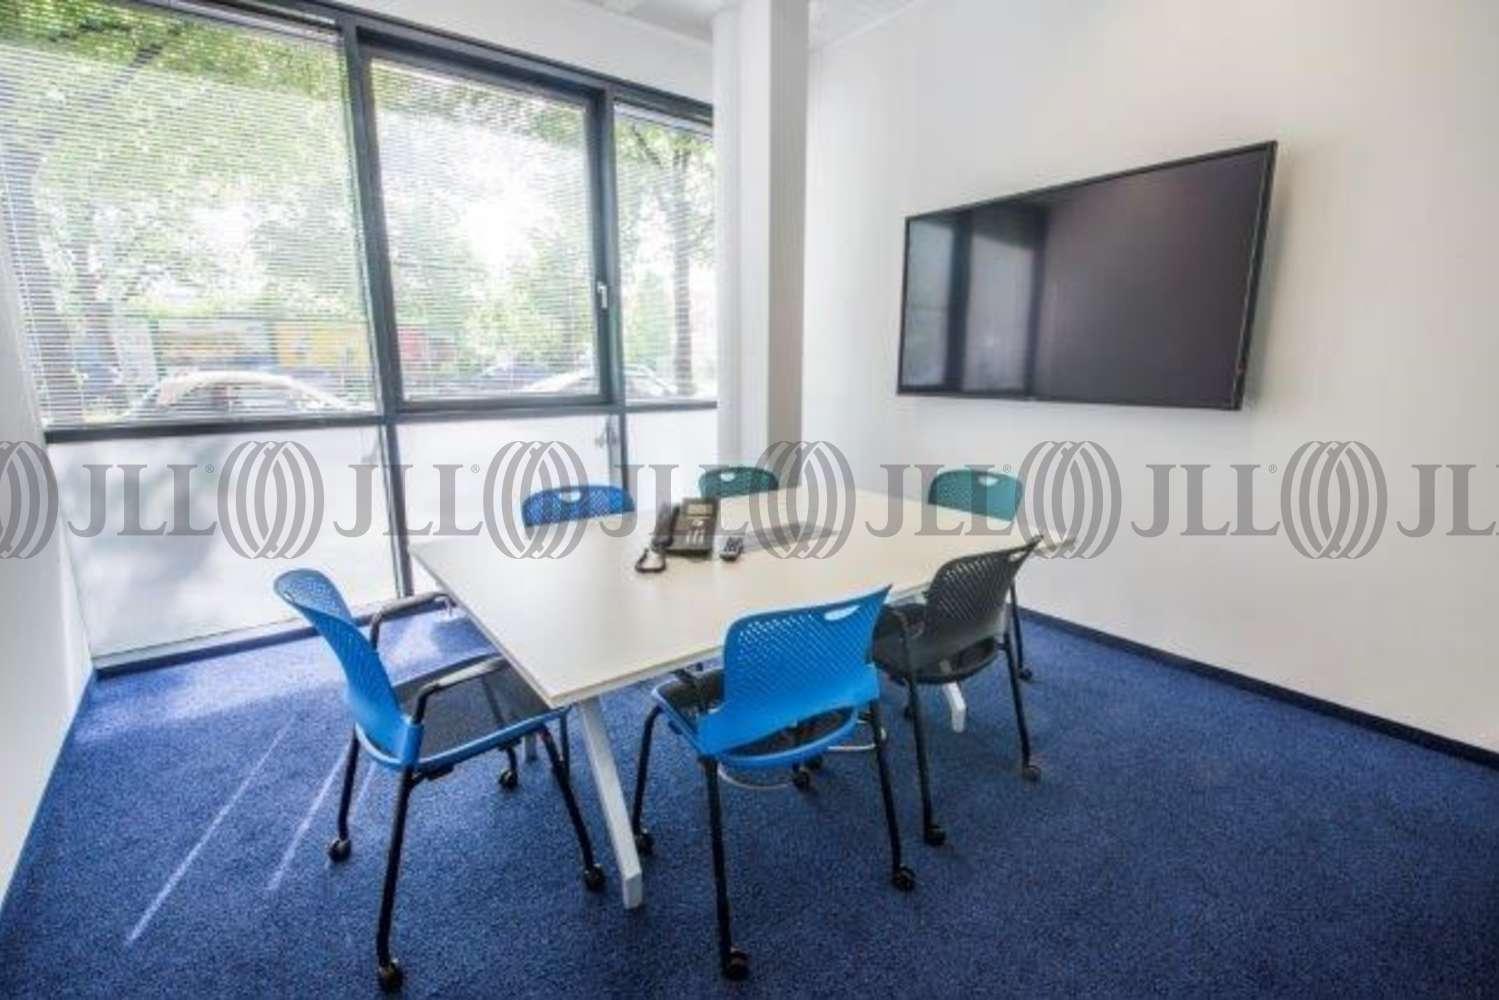 Büros München, 81379 - Büro - München, Thalk.Obersendl.-Forsten-Fürstenr.-Solln - M1167 - 10383511